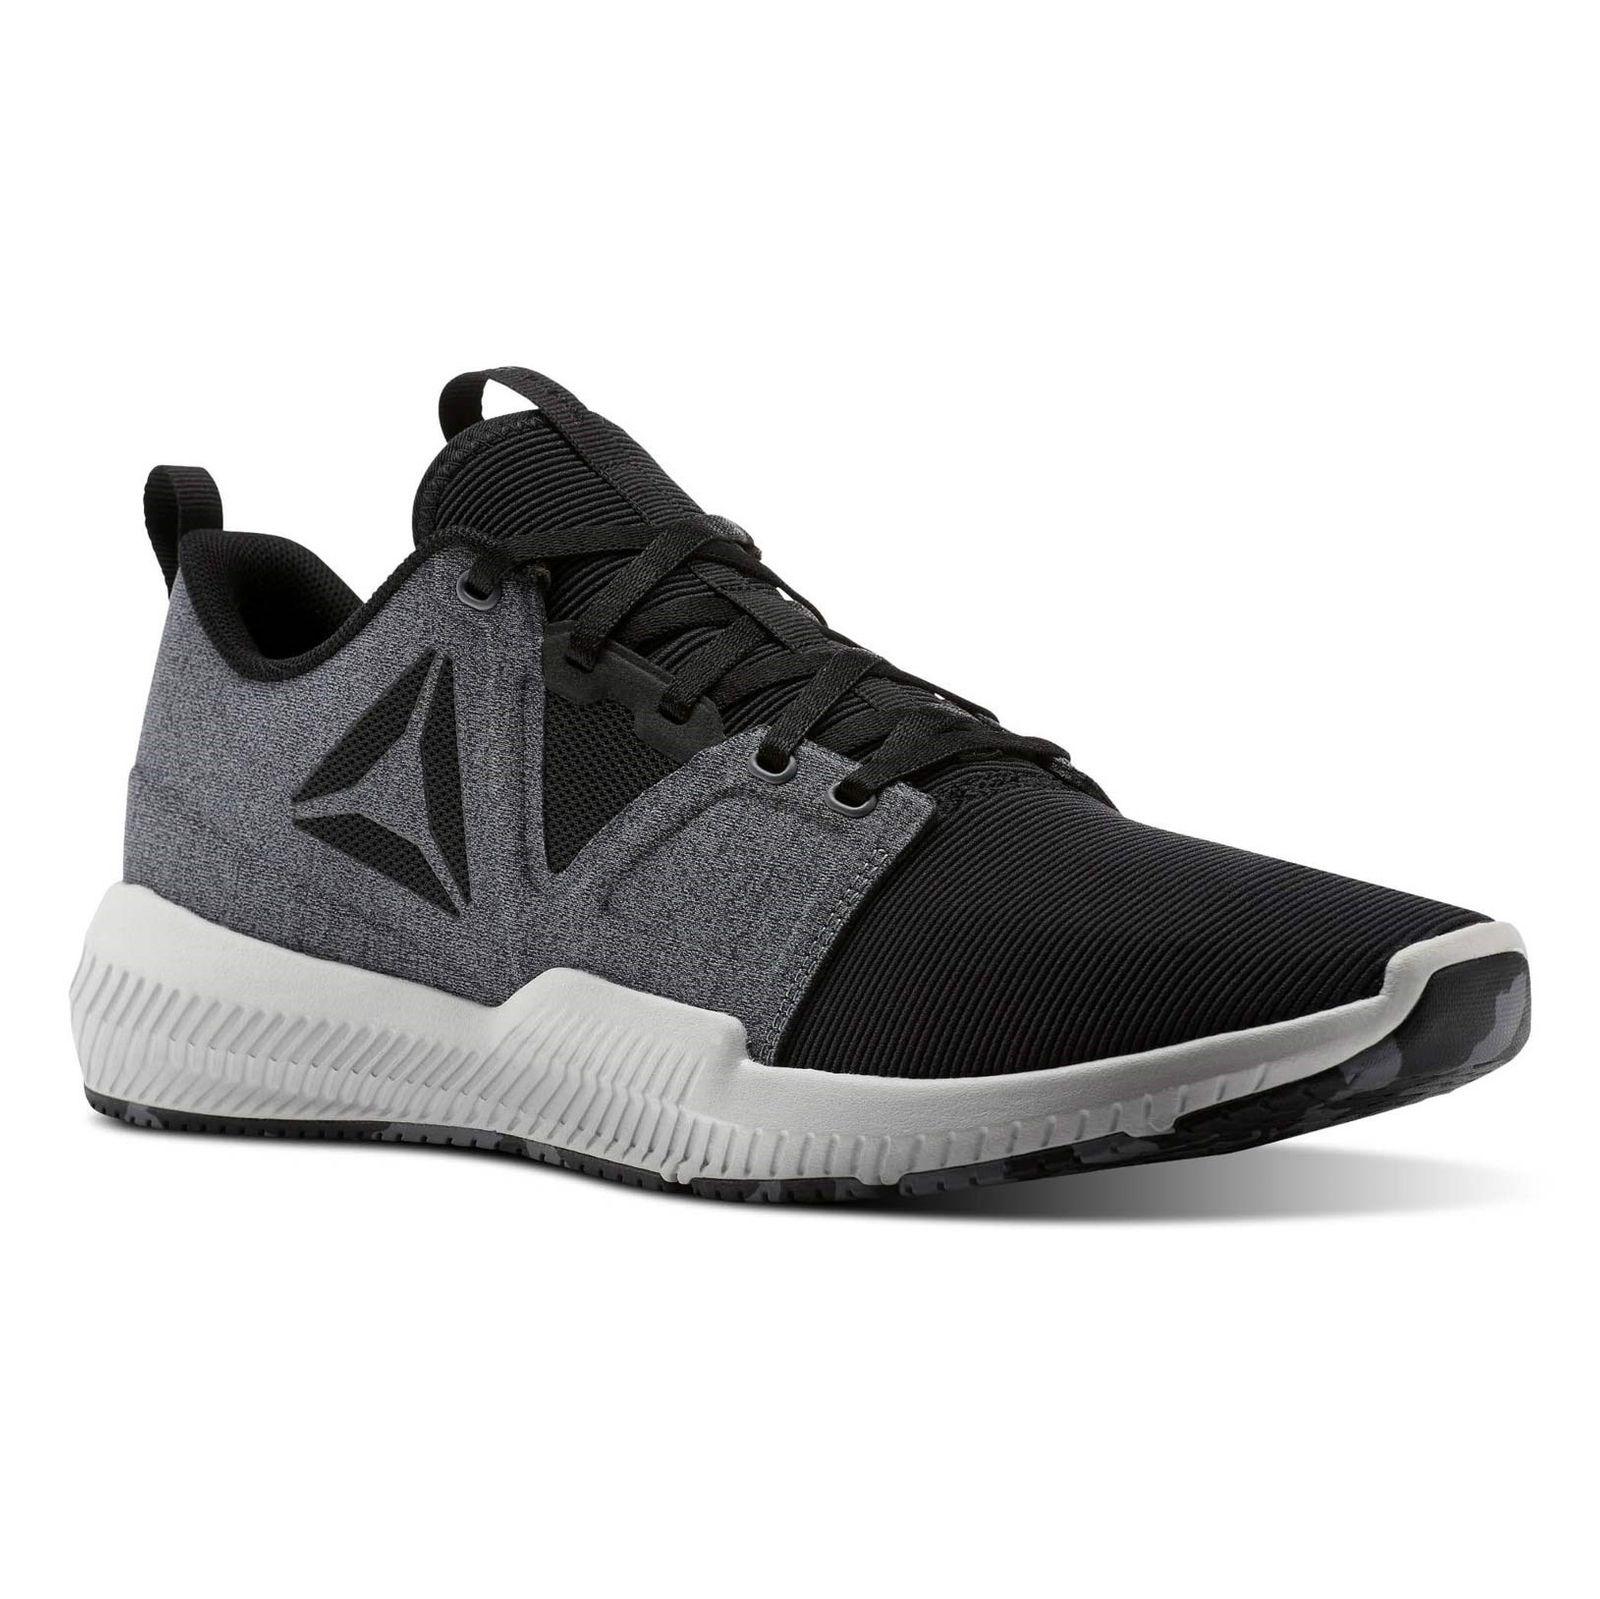 کفش تمرین بندی مردانه Hydrorush - ریباک - مشکي و طوسي - 5